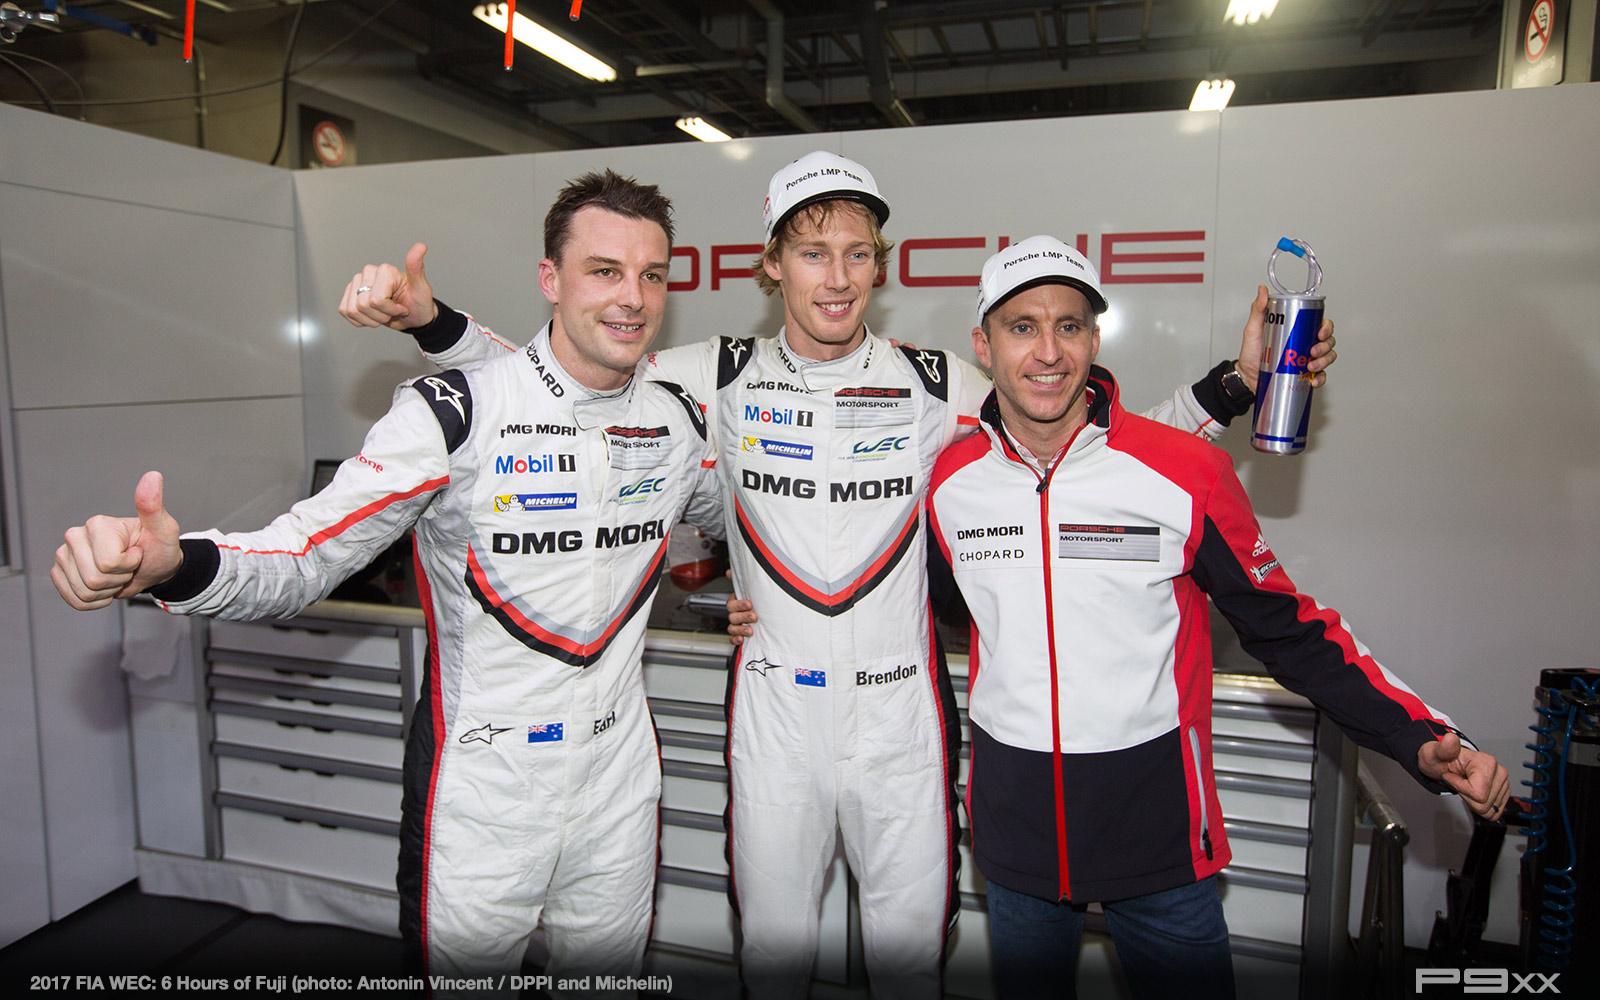 2017-FIA-WEC-6h-of-Fuji-Porsche-Fuji_02117011_1964310